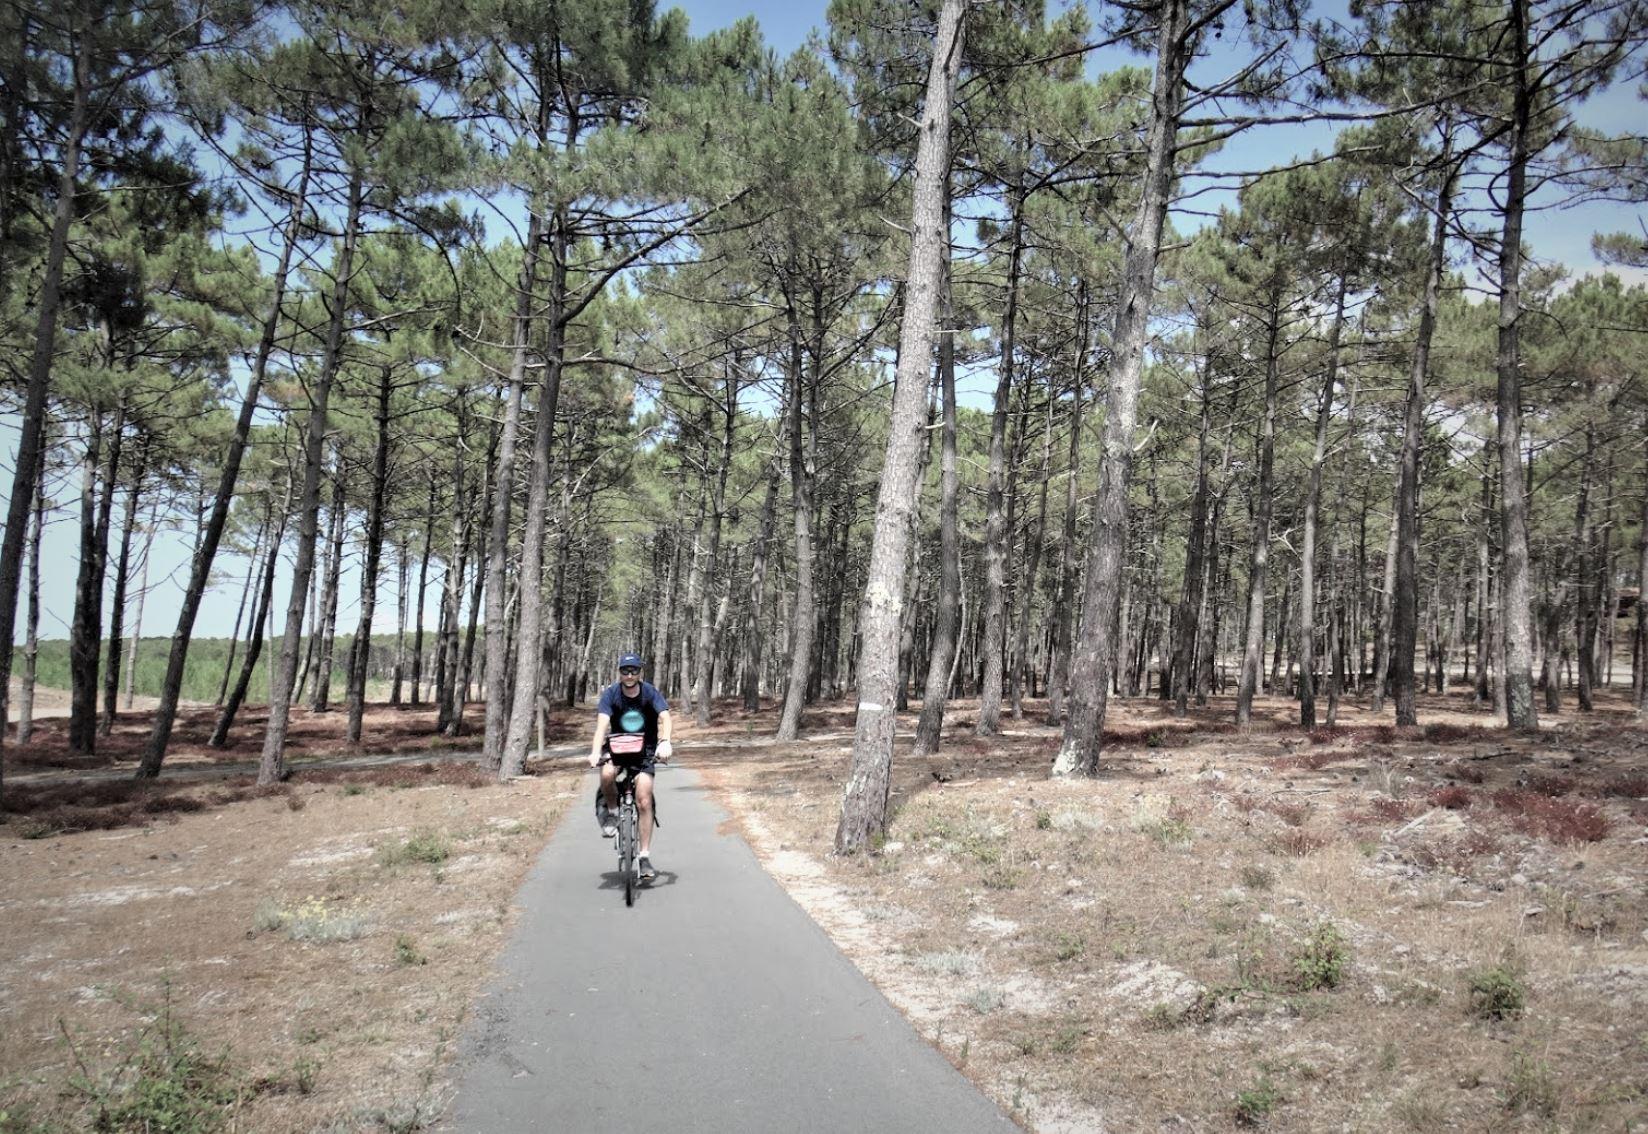 voyage vélo Gironde pyla forêt pins